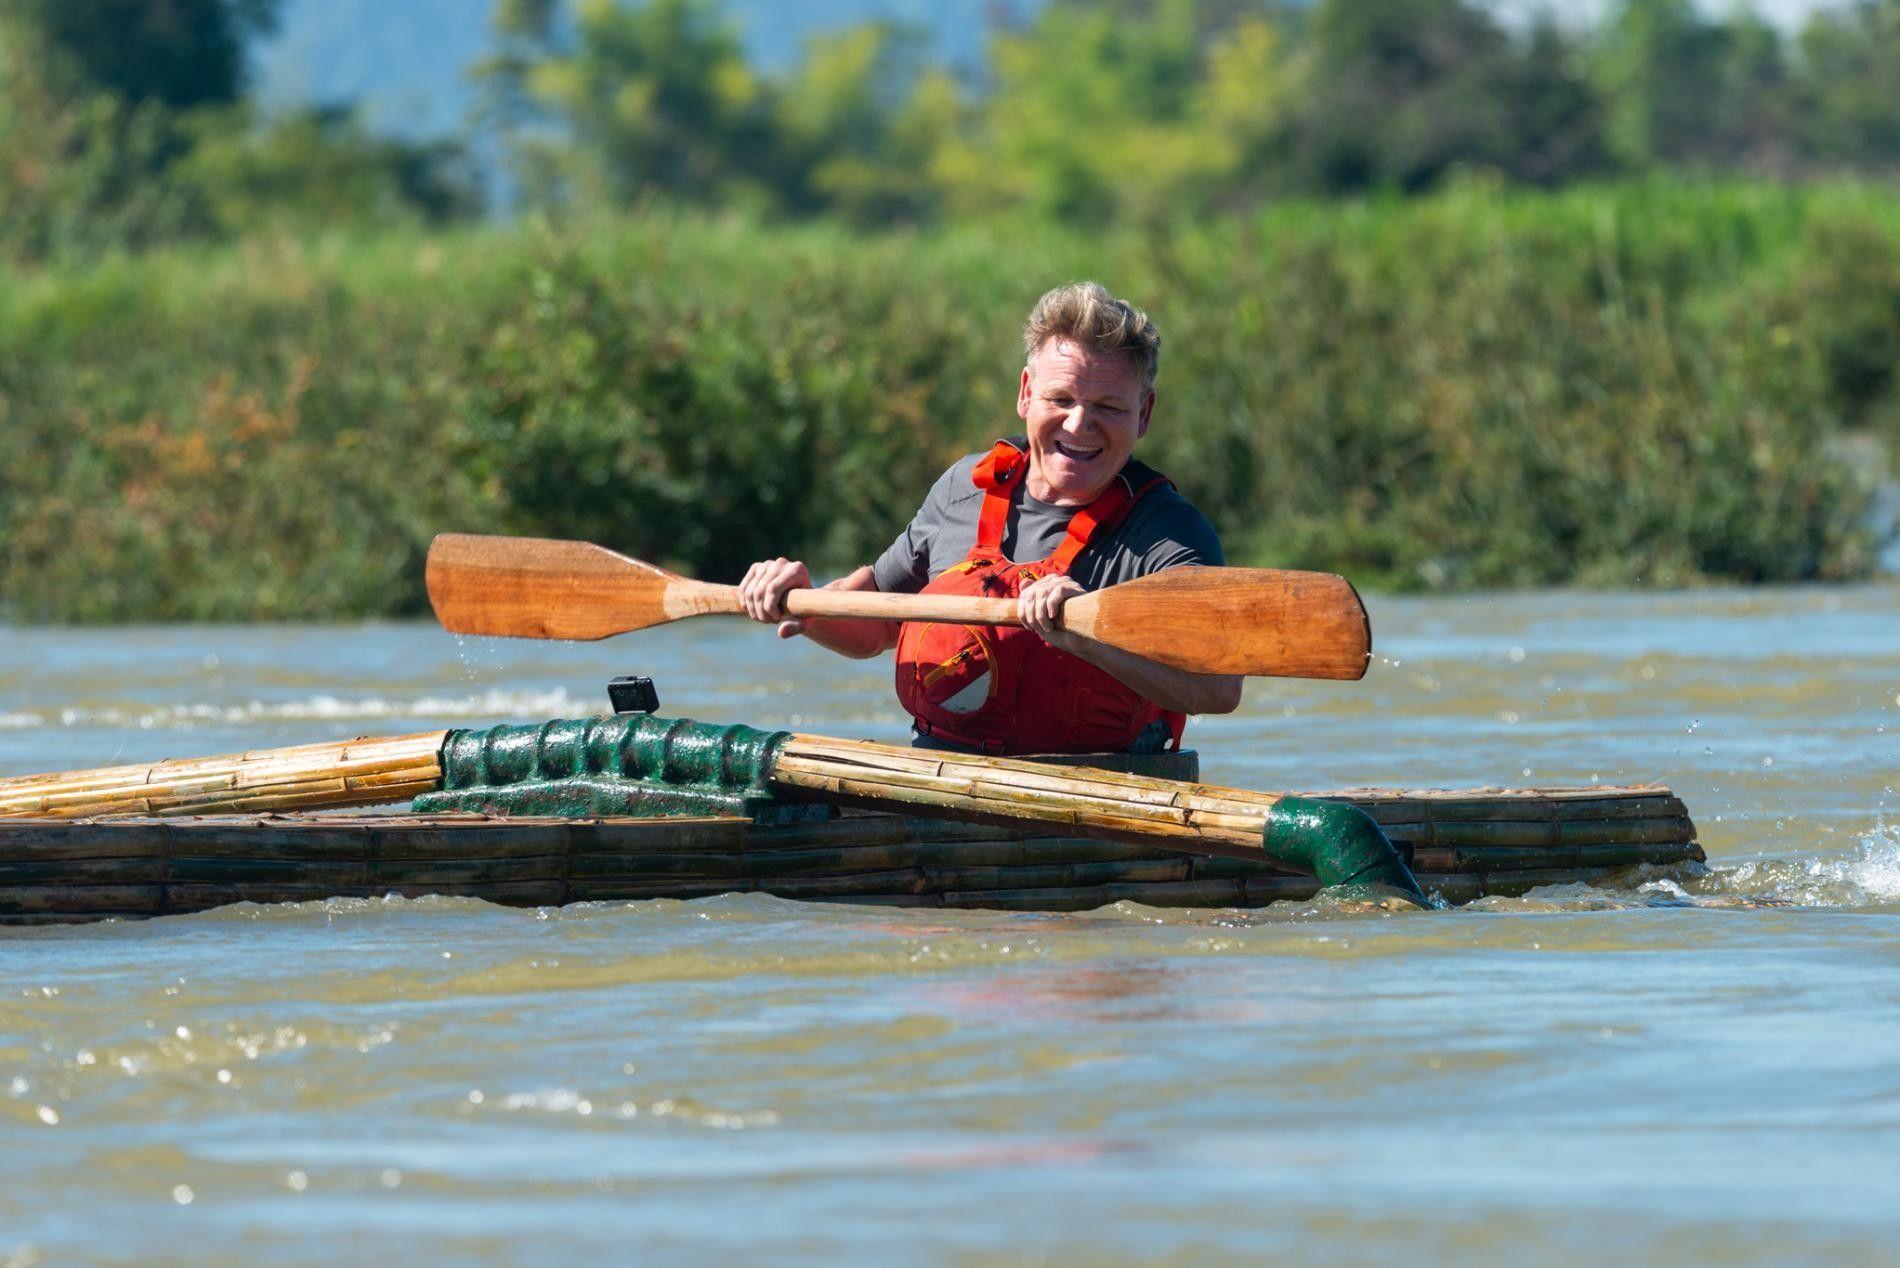 Gordon Ramsay rema pelo rio Mekong, uma fonte vital de comida no Laos.